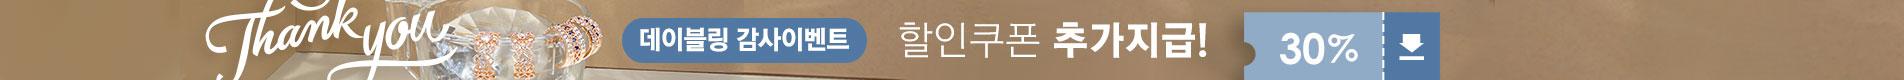 데이블링정식런칭후2-pc띠배너-20190509